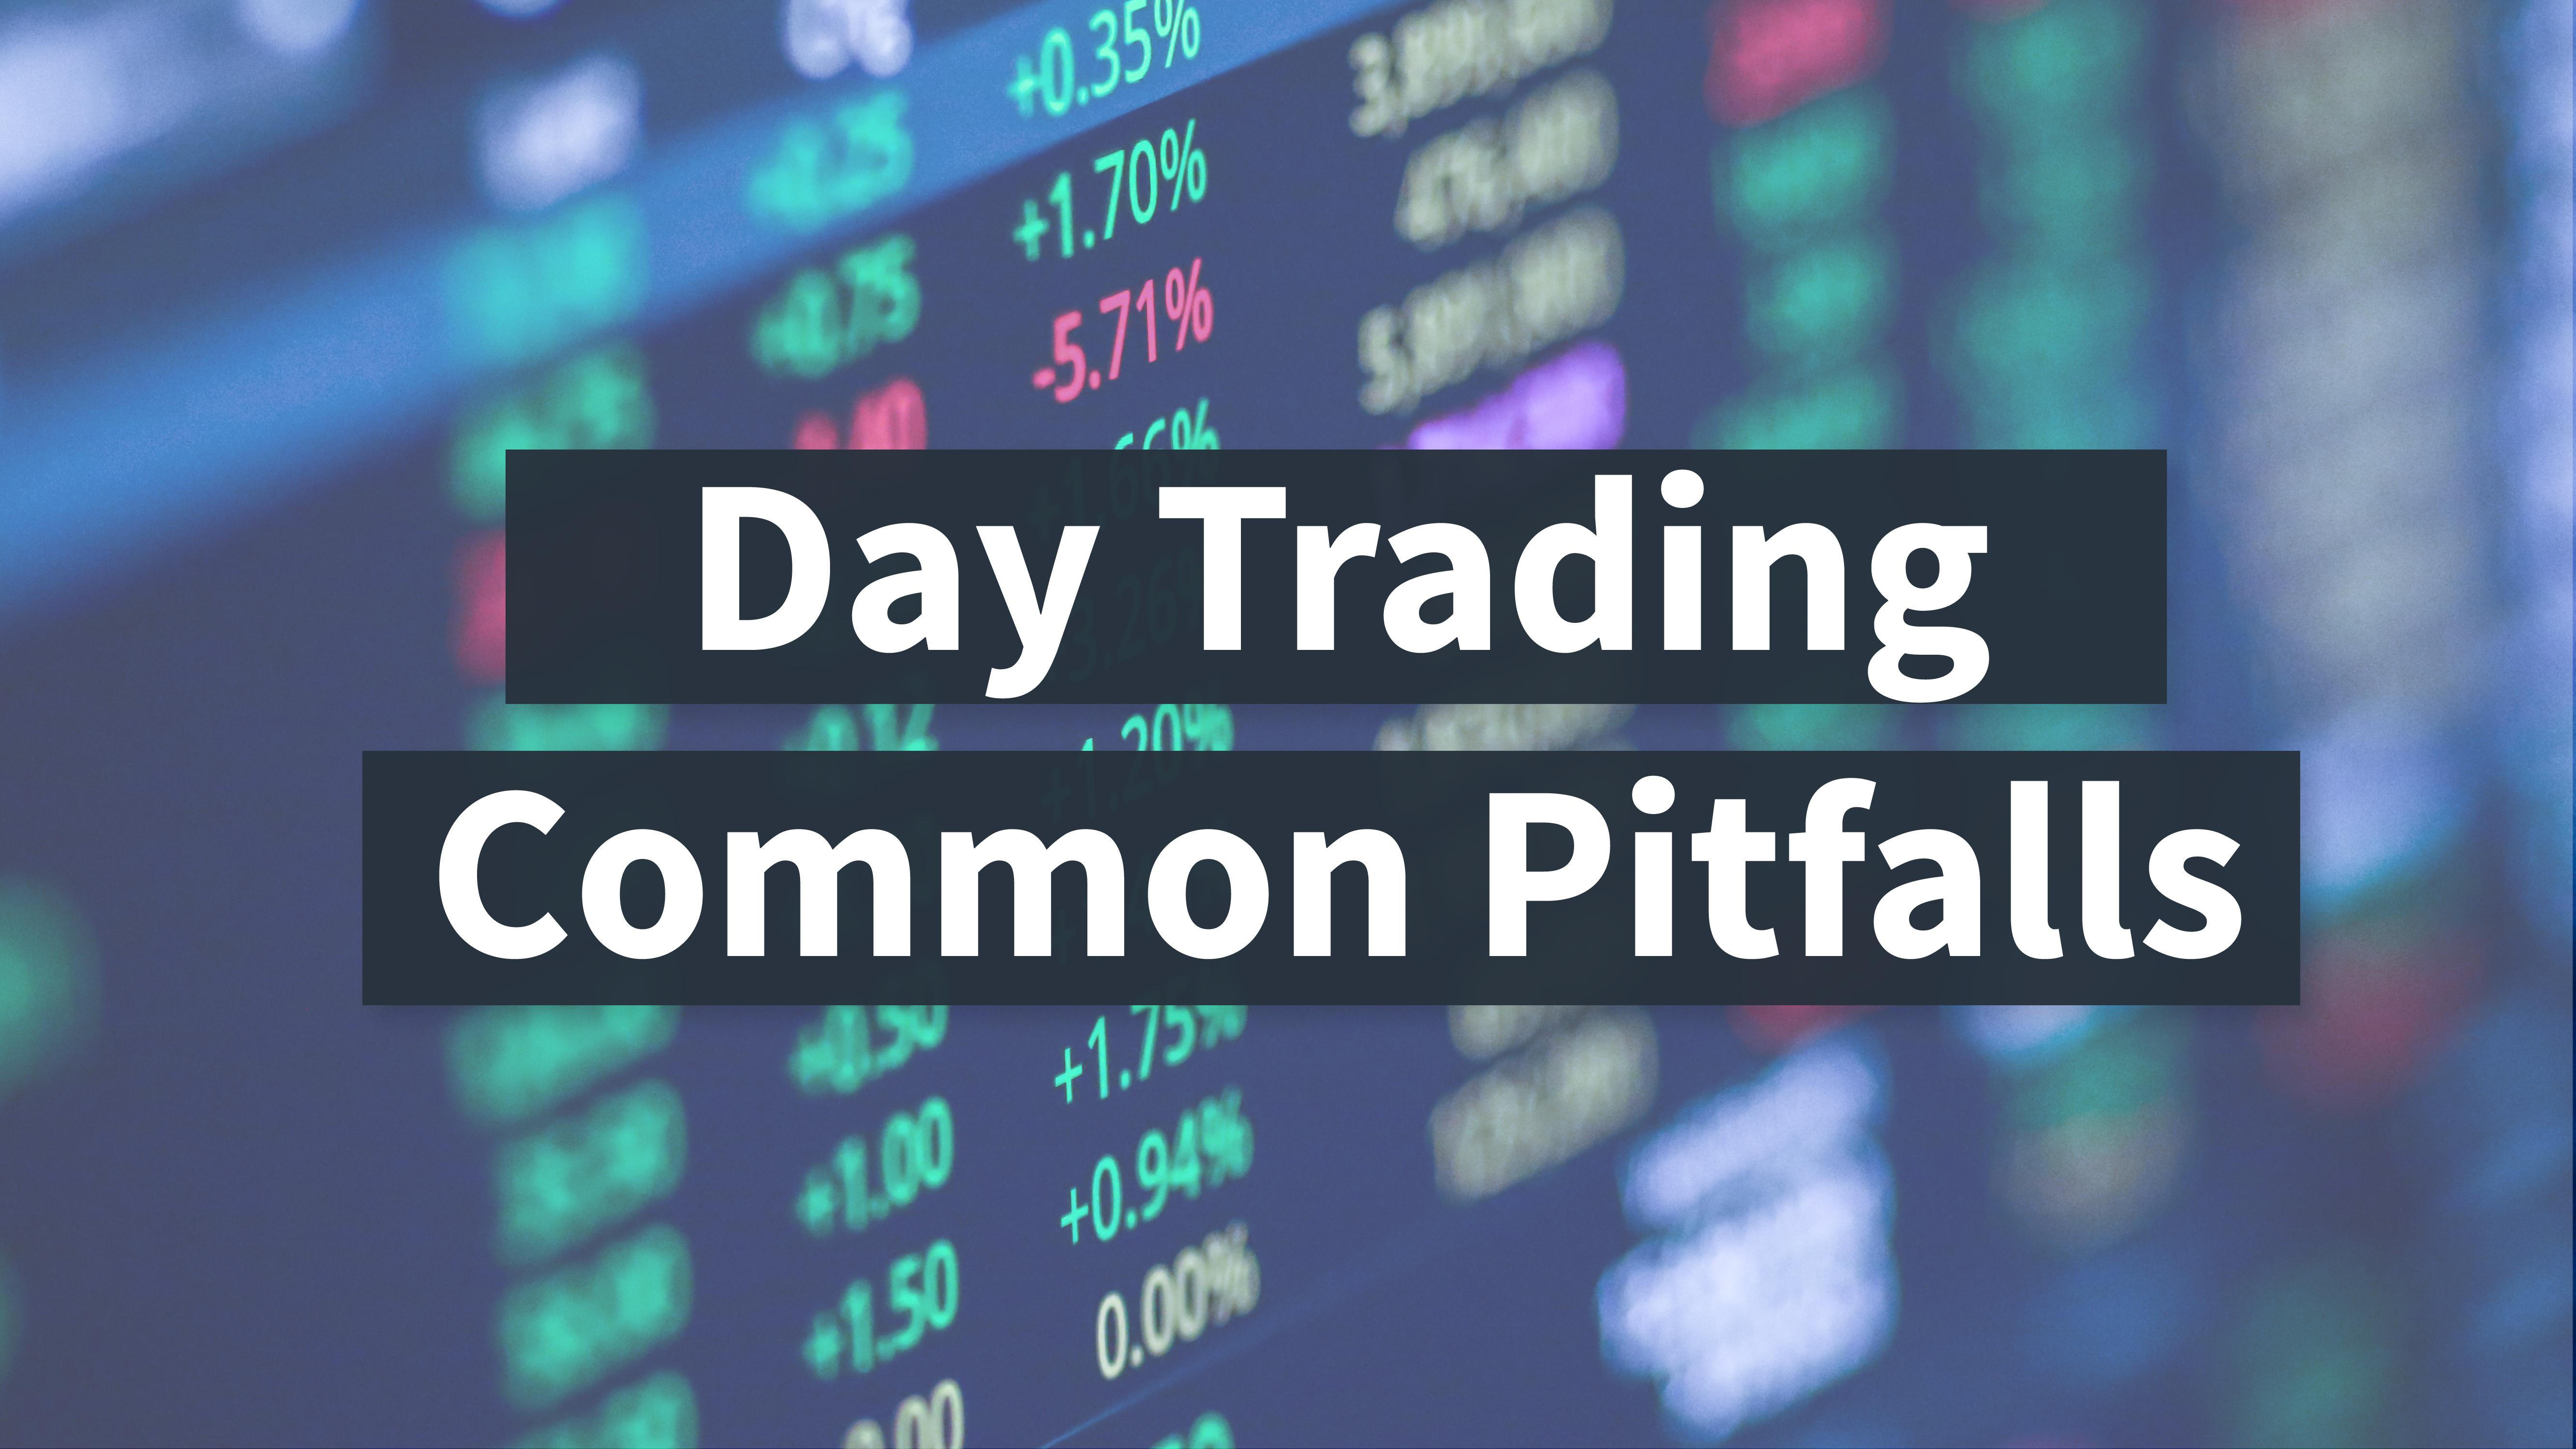 Day Trading Pitfalls